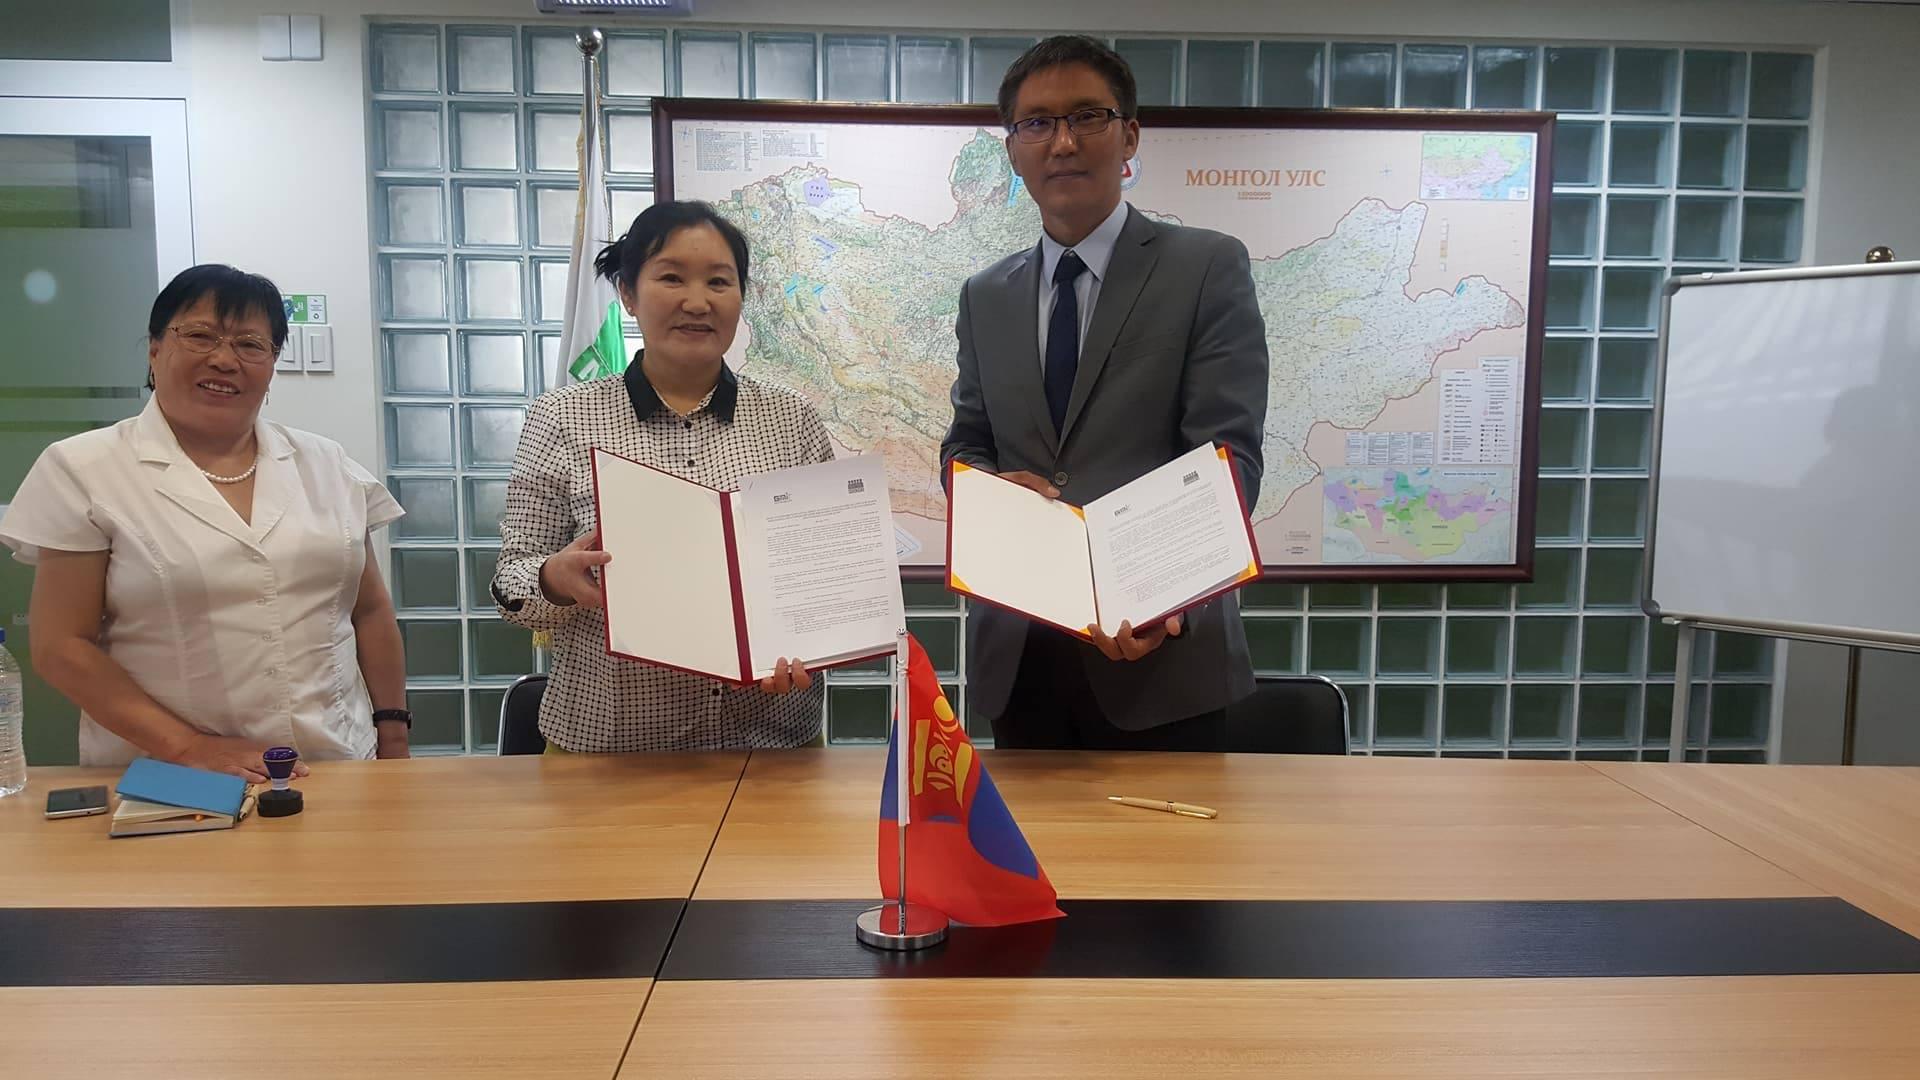 Монгол - германы хамтарсан ашигт малтмал, технологийн их сургуультай харилцан ойлголцлын санамж бичигт гарын үсэг зурлаа